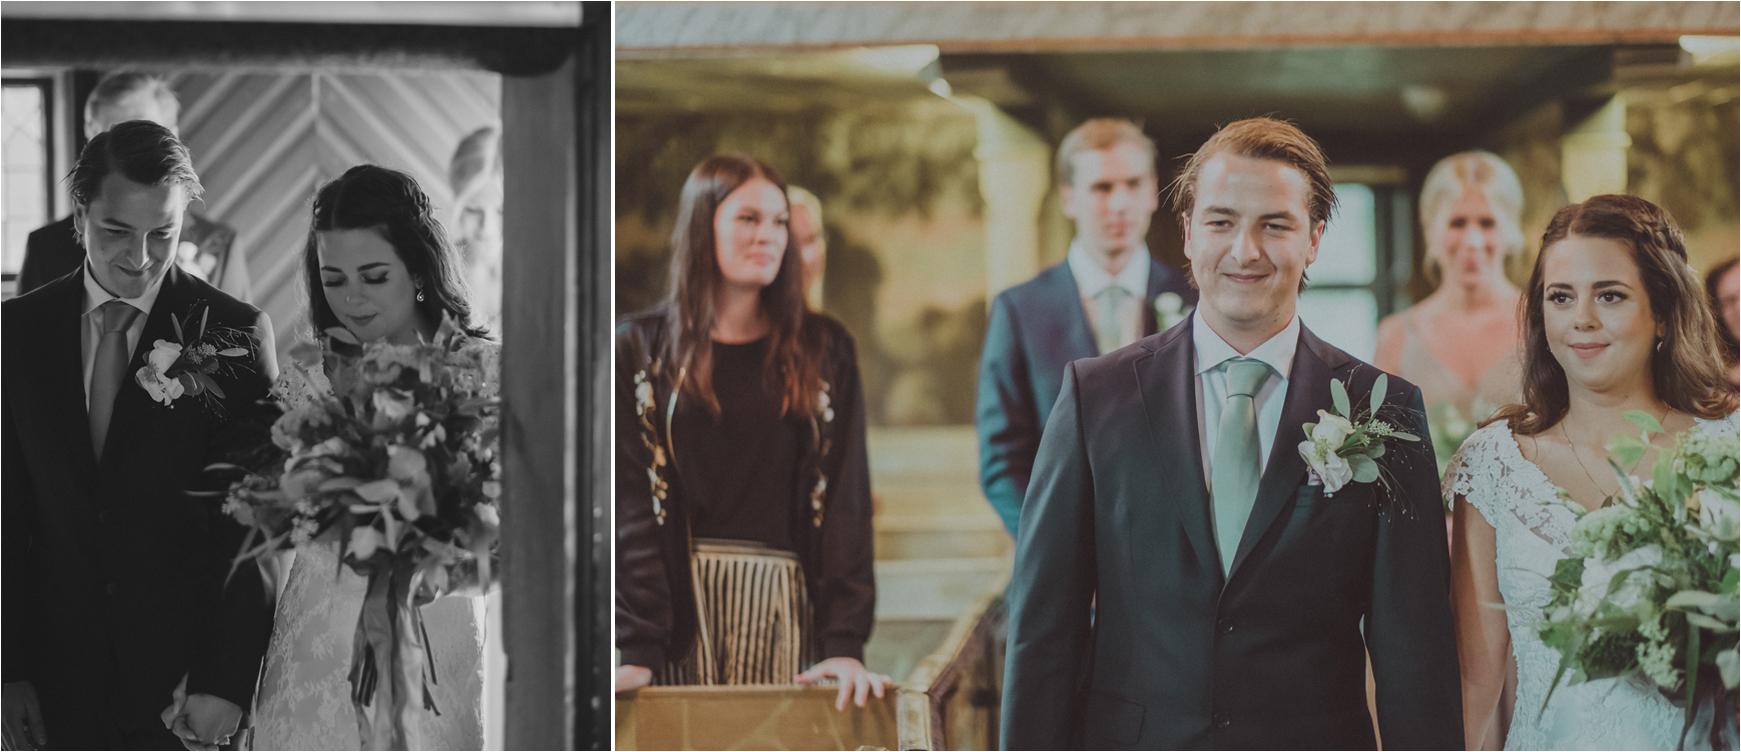 bröllopsfoto_borås_fotograf_max_norin-62.jpg